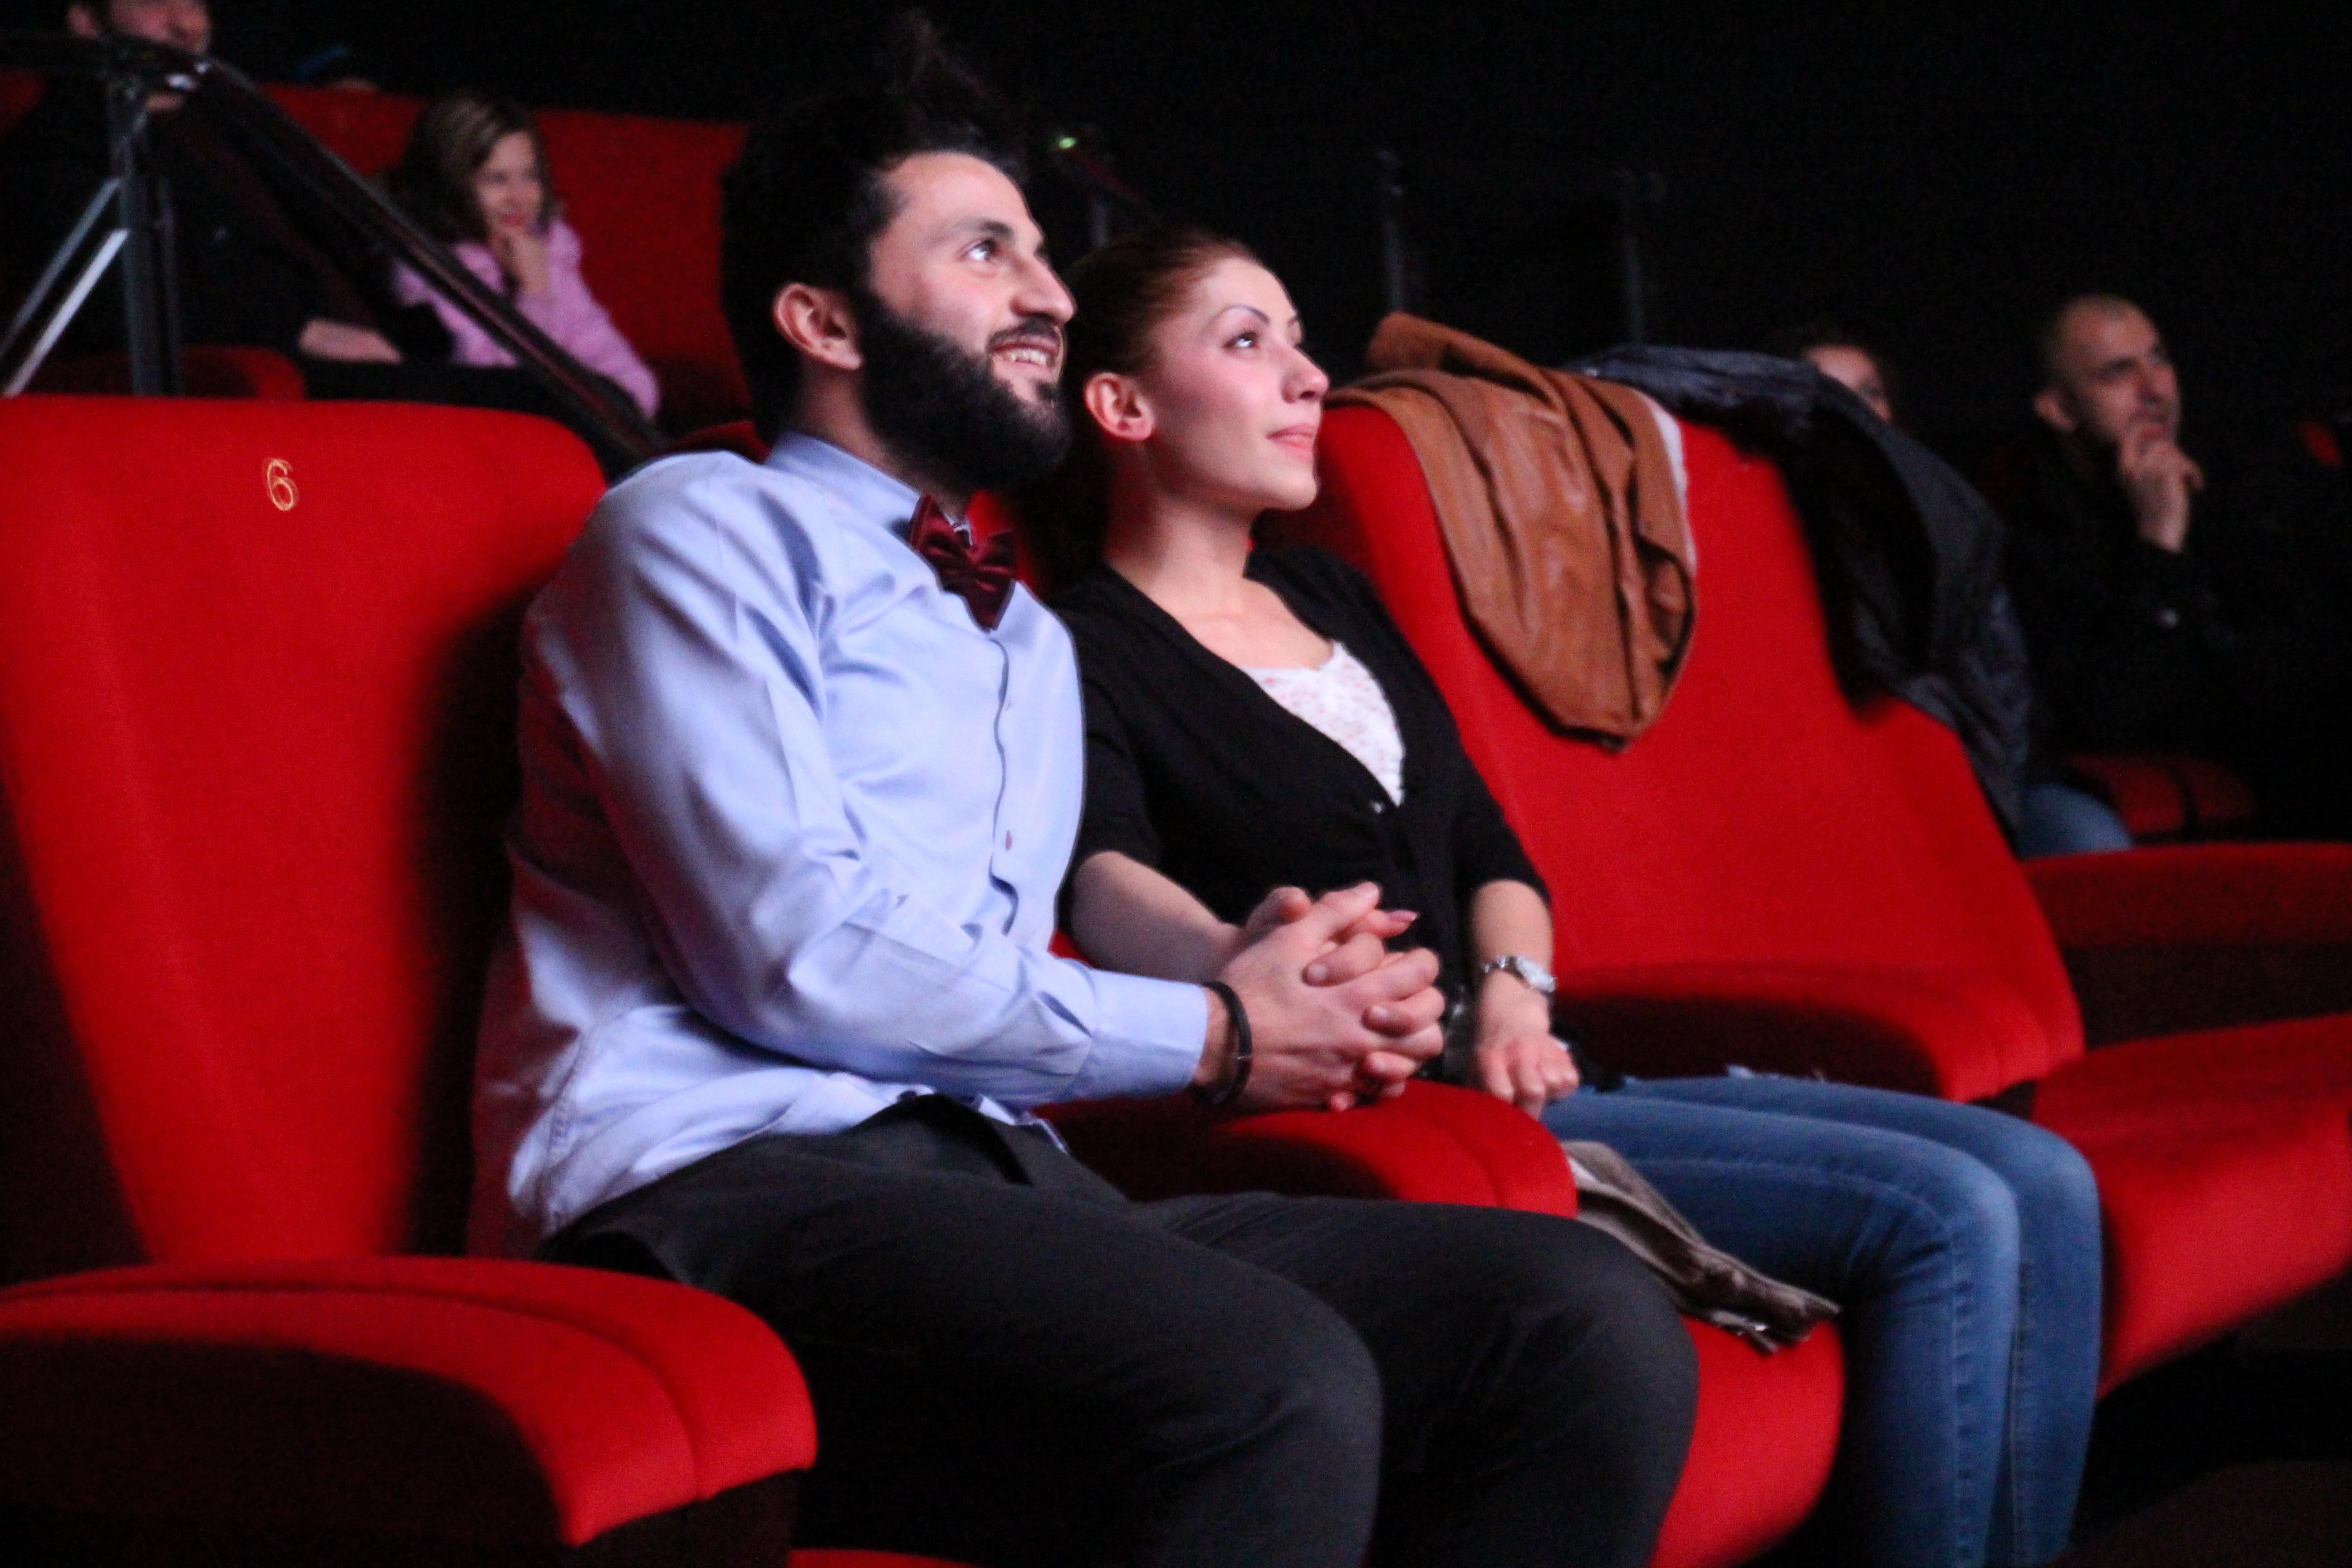 Heiratsantrag im Kino: Bodensee-Hochzeiten.com